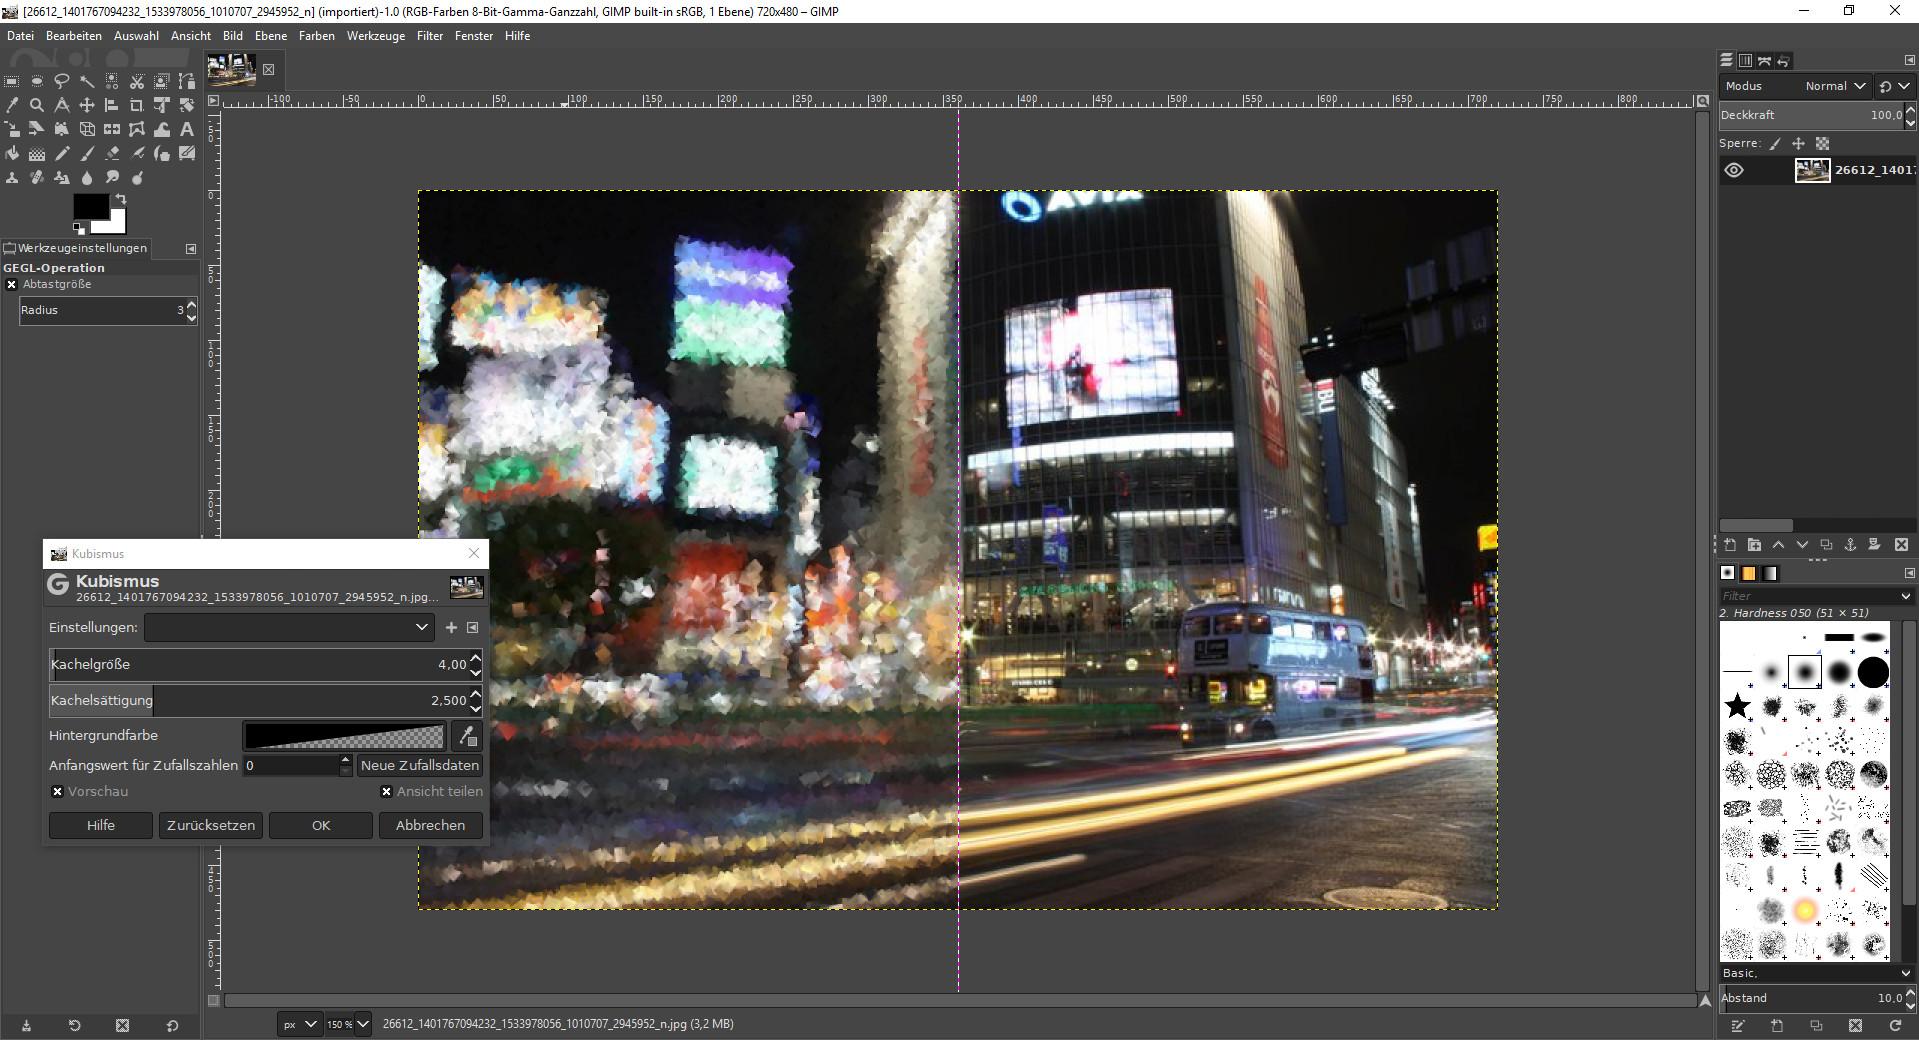 Screenshot 1 - GIMP Portable